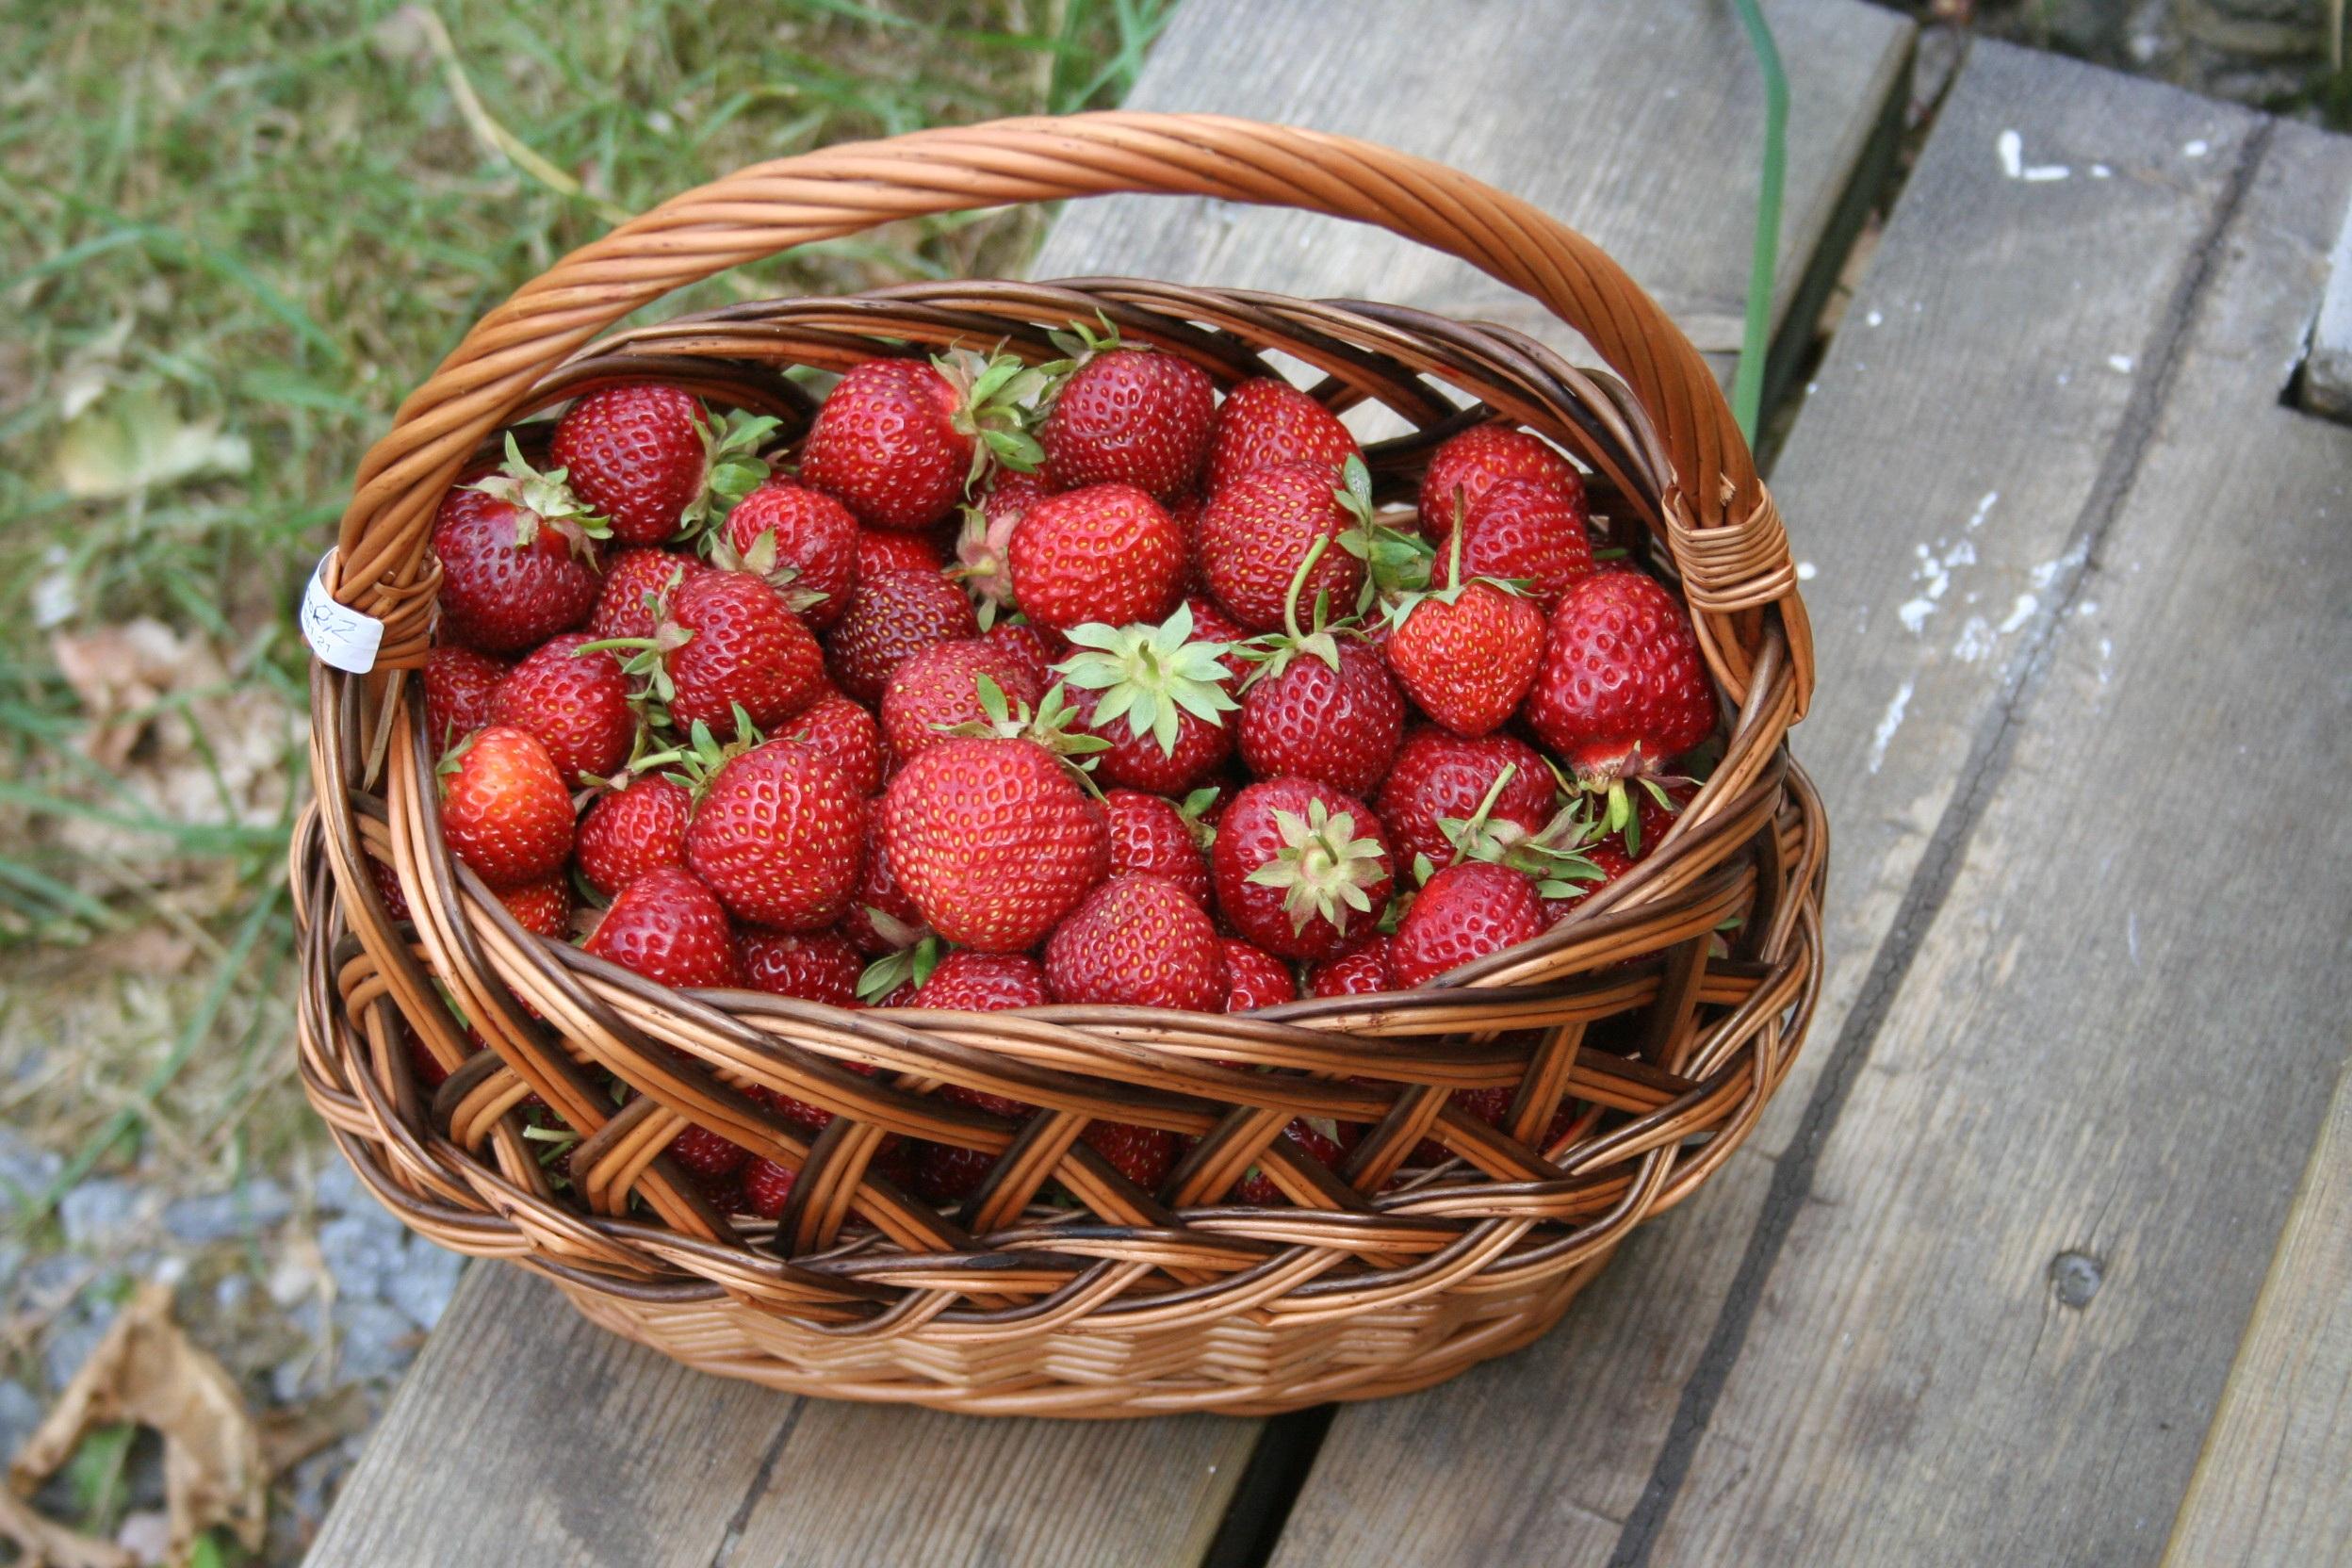 panier-de-fraises.76028.jpg